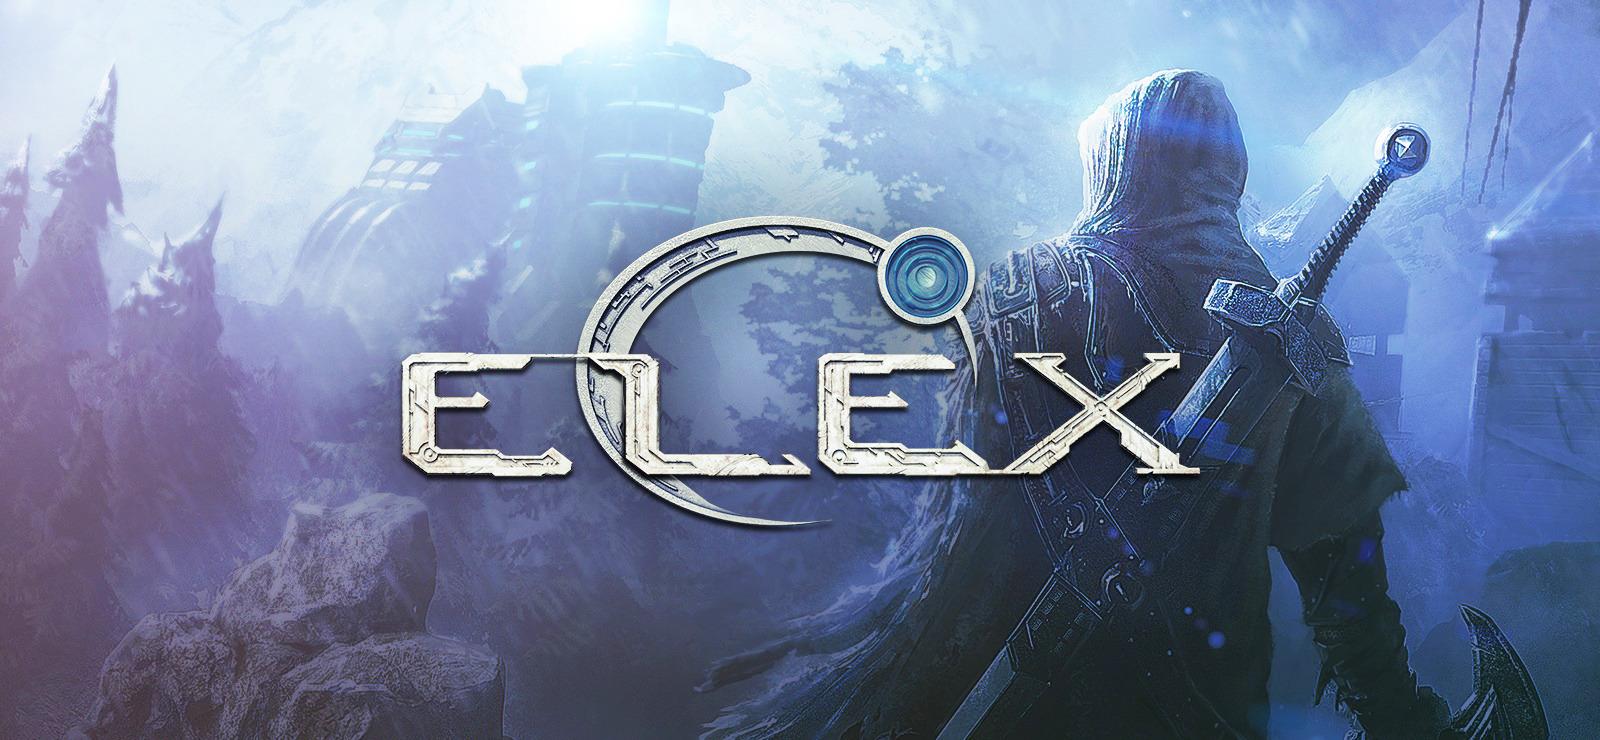 Test de Elex : un monde post-apocalyptique pour un jeu catastrophique - Geeks and Com'